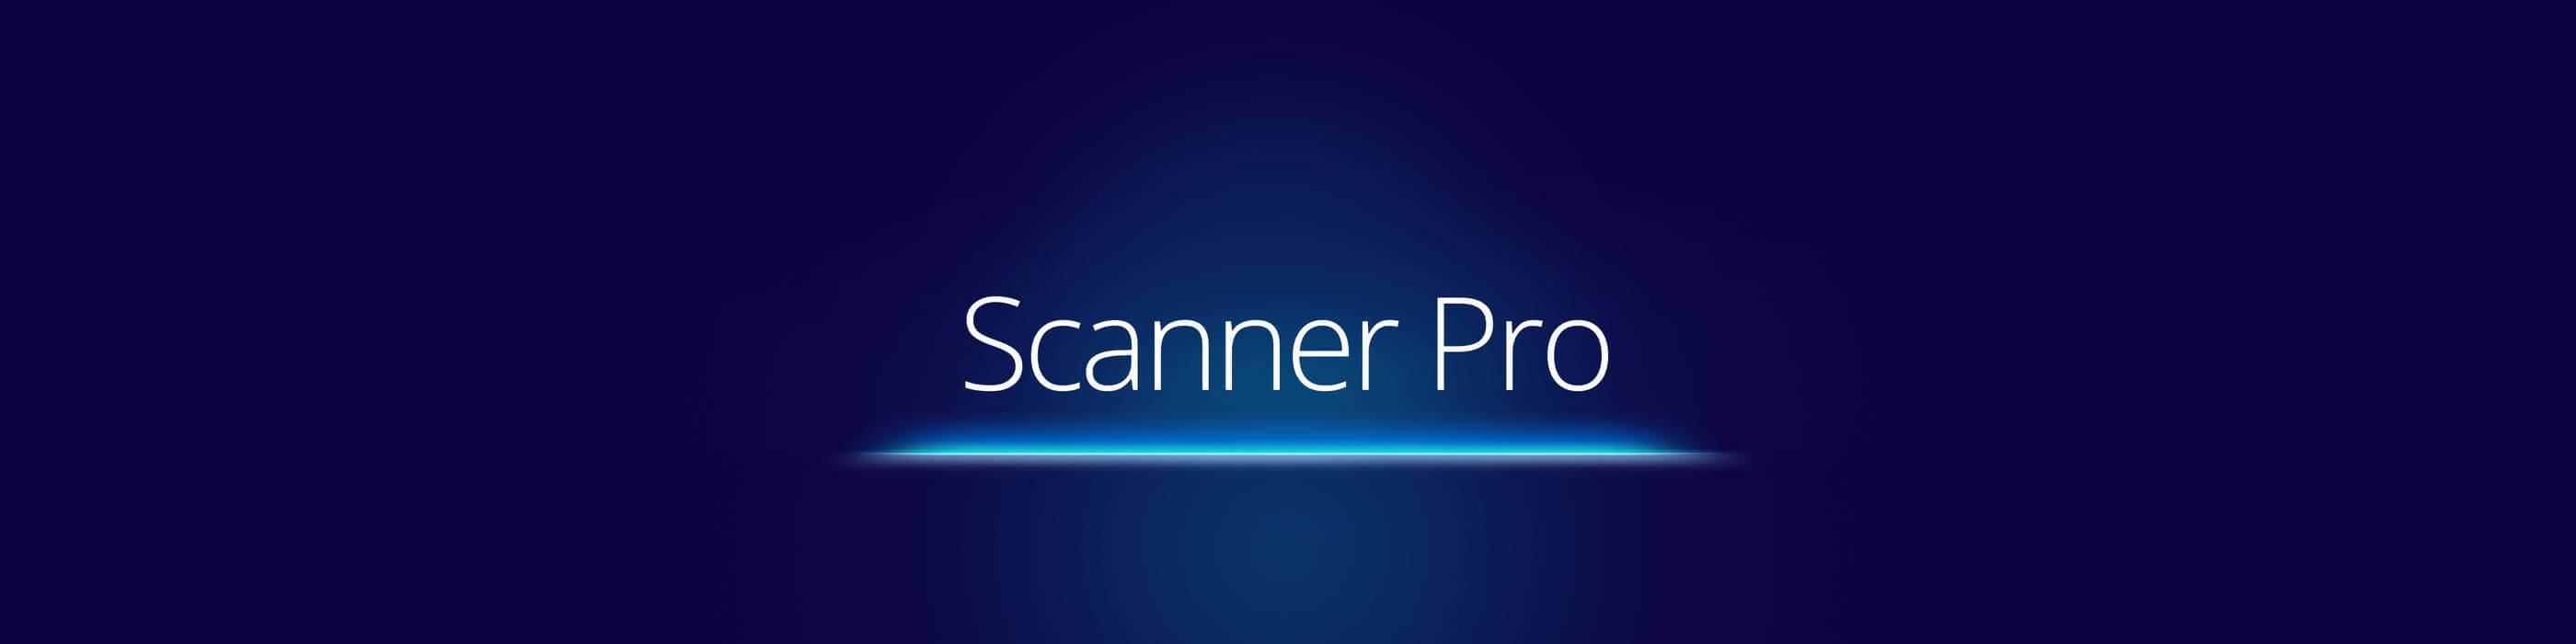 [已购]Scanner Pro-扫描、文档扫描&文字识别-草蜢资源